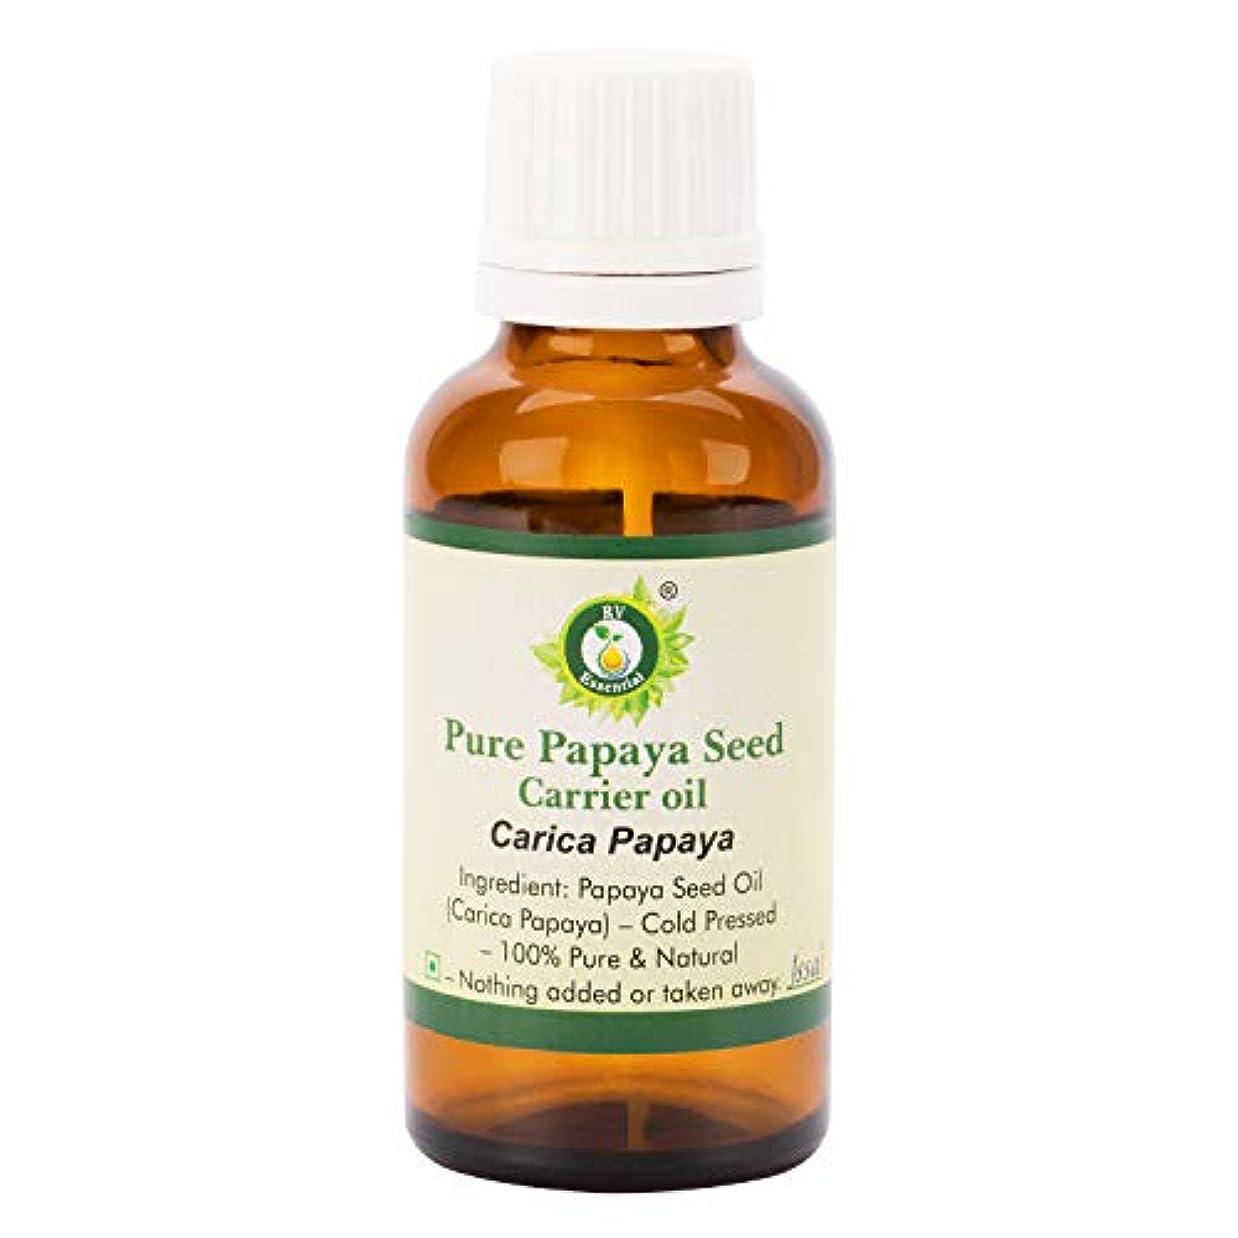 ベイビーペルメル珍味純粋なパパイヤ種子キャリアオイル15ml (0.507oz)- Carica Papaya (100%ピュア&ナチュラルコールドPressed) Pure Papaya Seed Carrier Oil